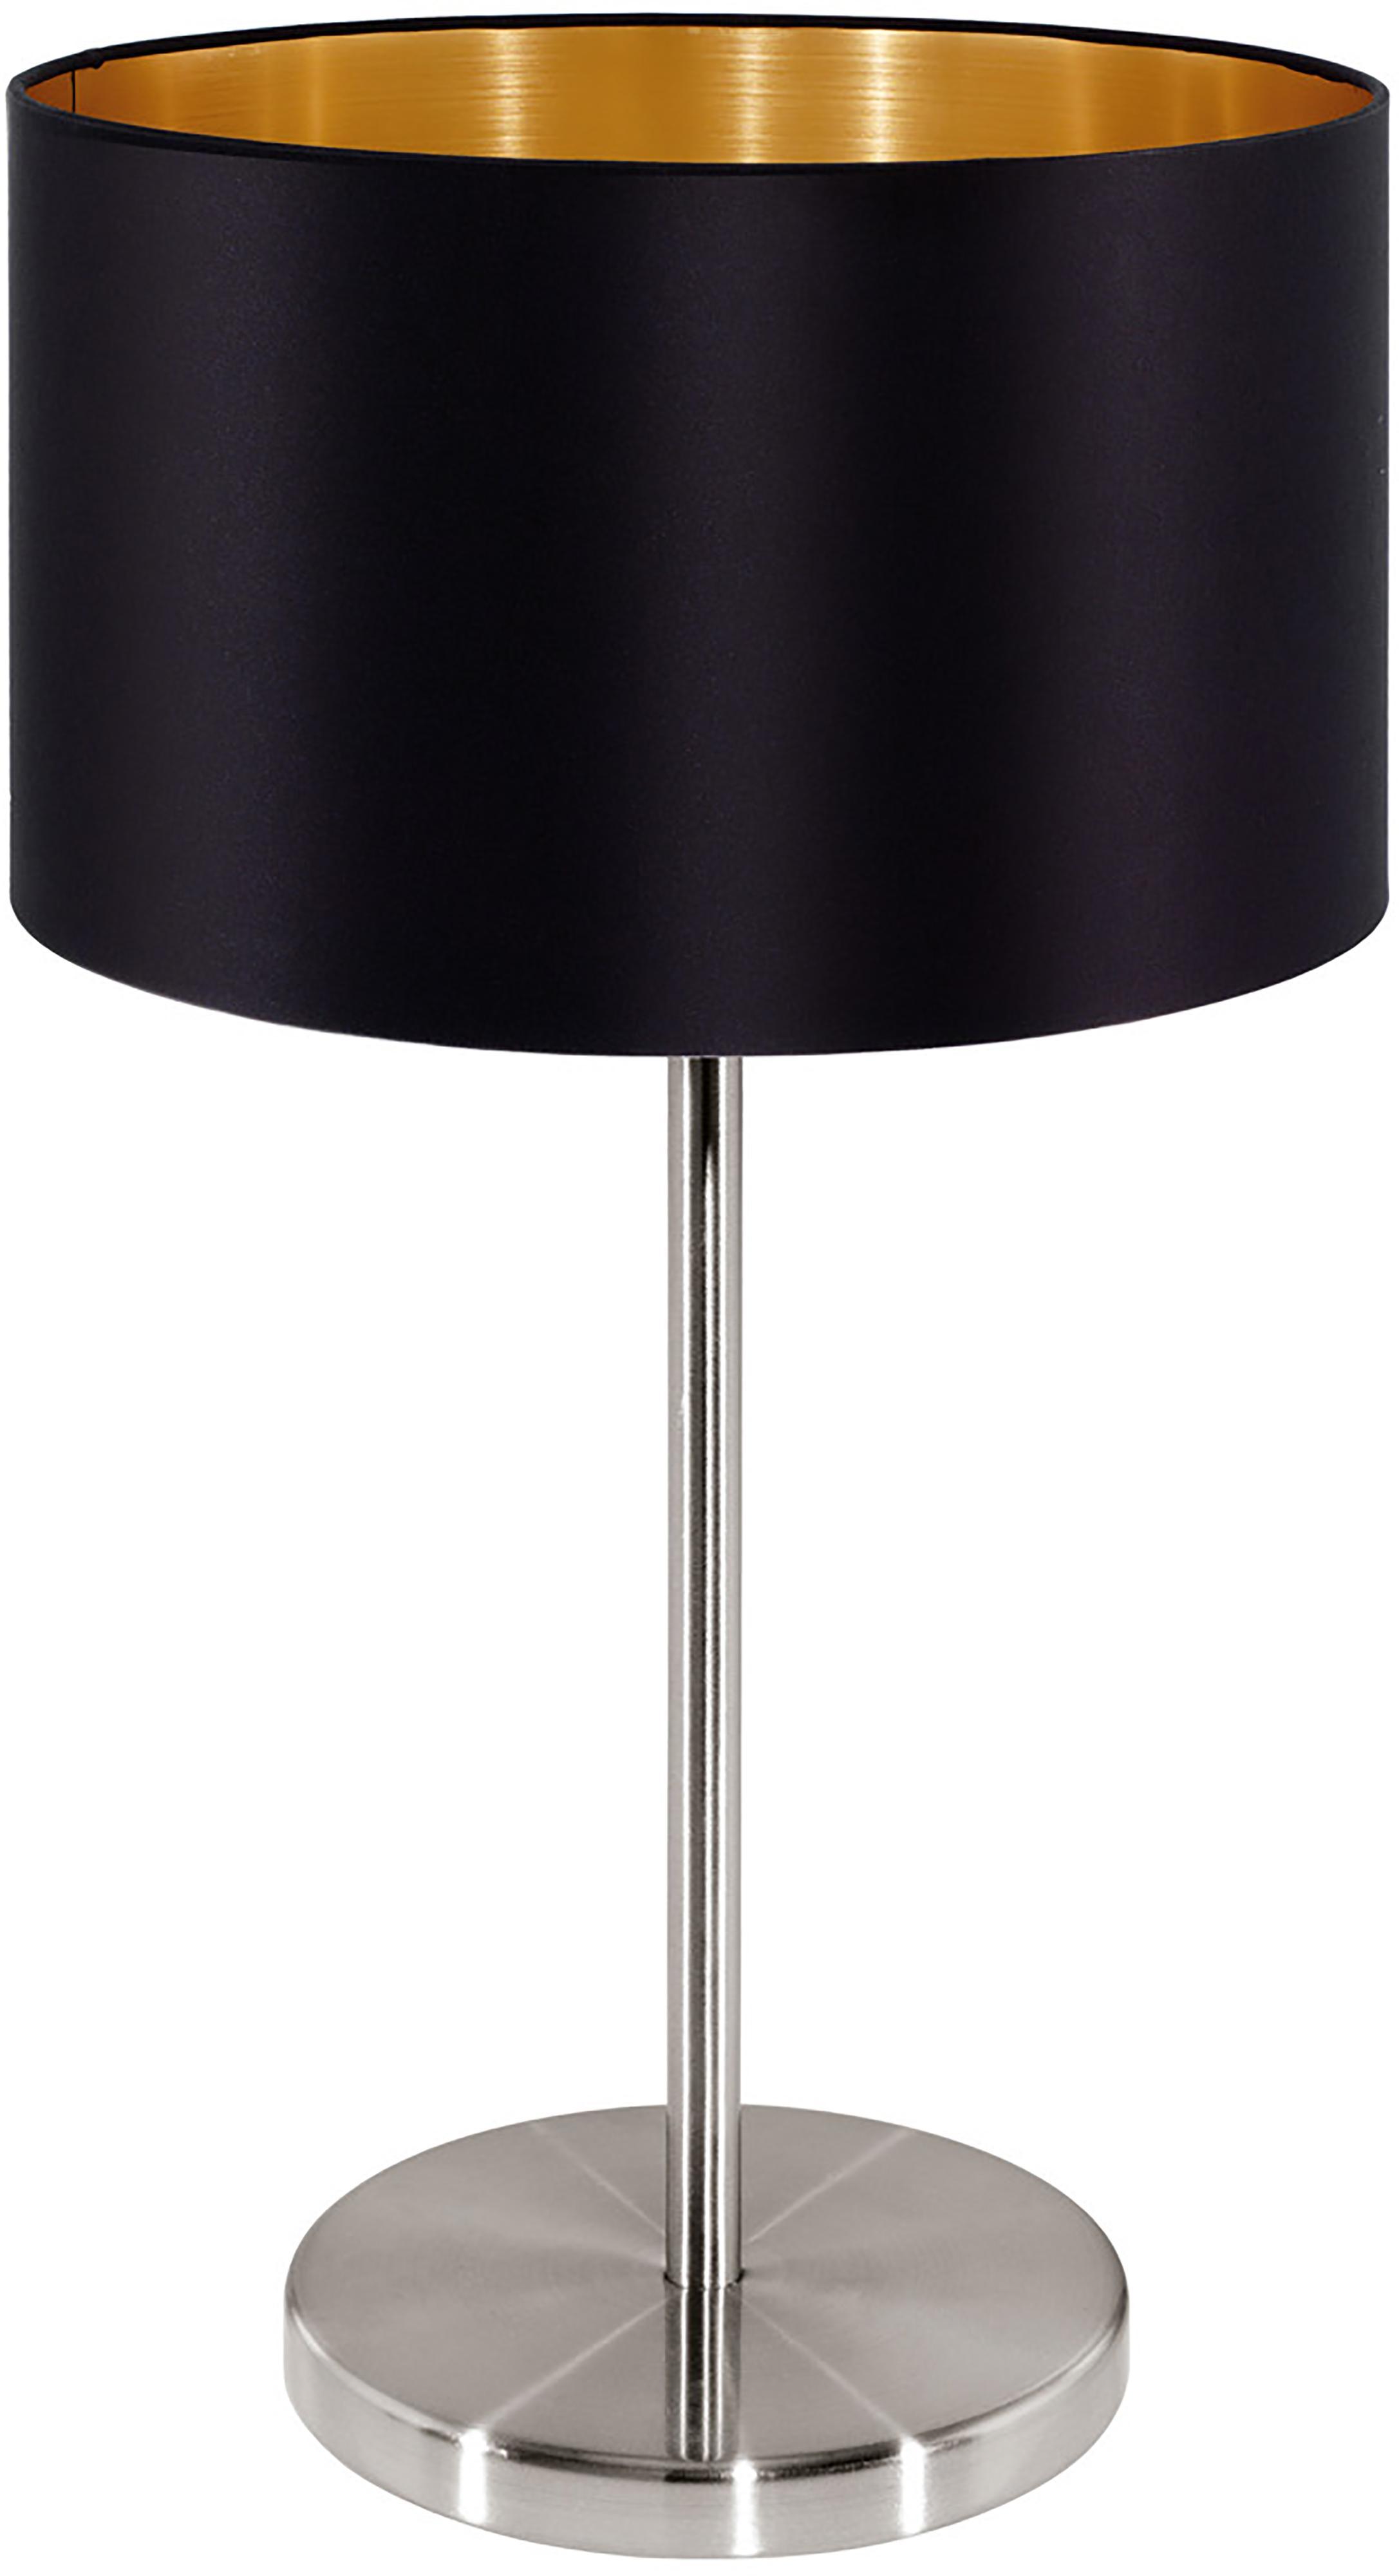 Tischlampe Jamie mit Gold, Schwarz,Silberfarben, ∅ 23 x H 42 cm